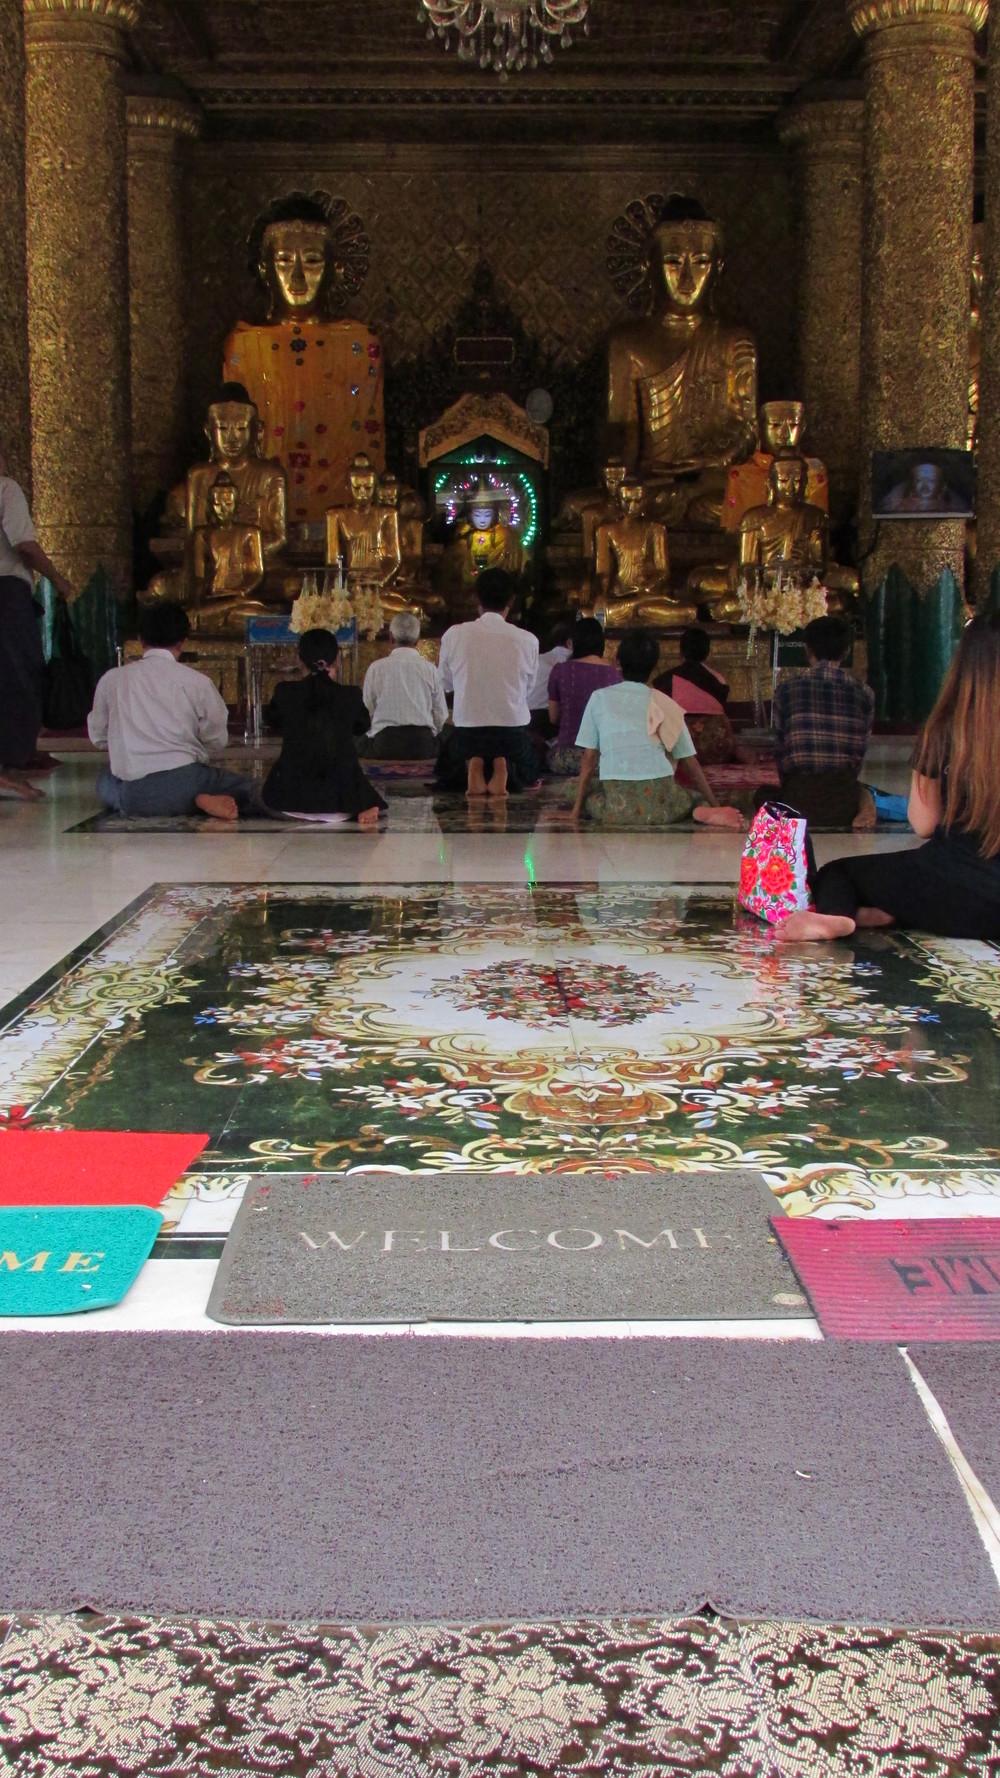 Welcome. Shwedagon Pagoda.